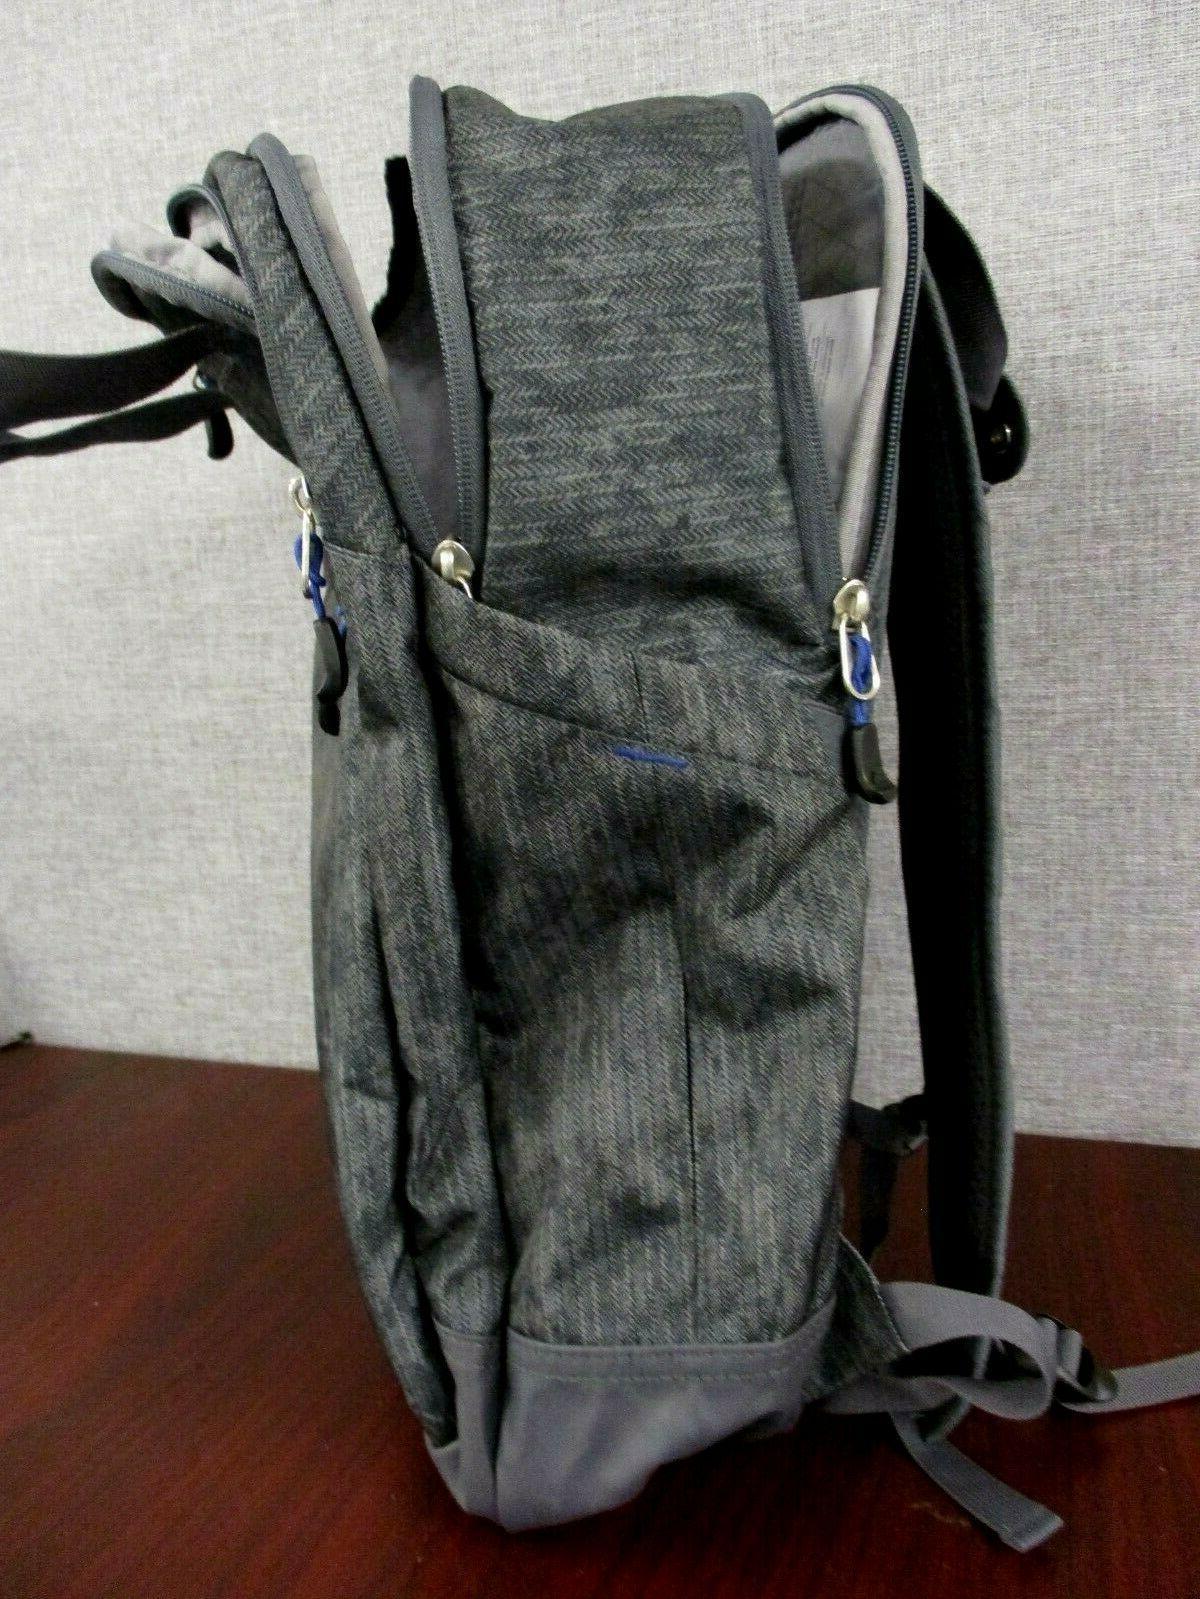 New High Sierra Grab Handle BackPack Book Bag Laptop - Gray